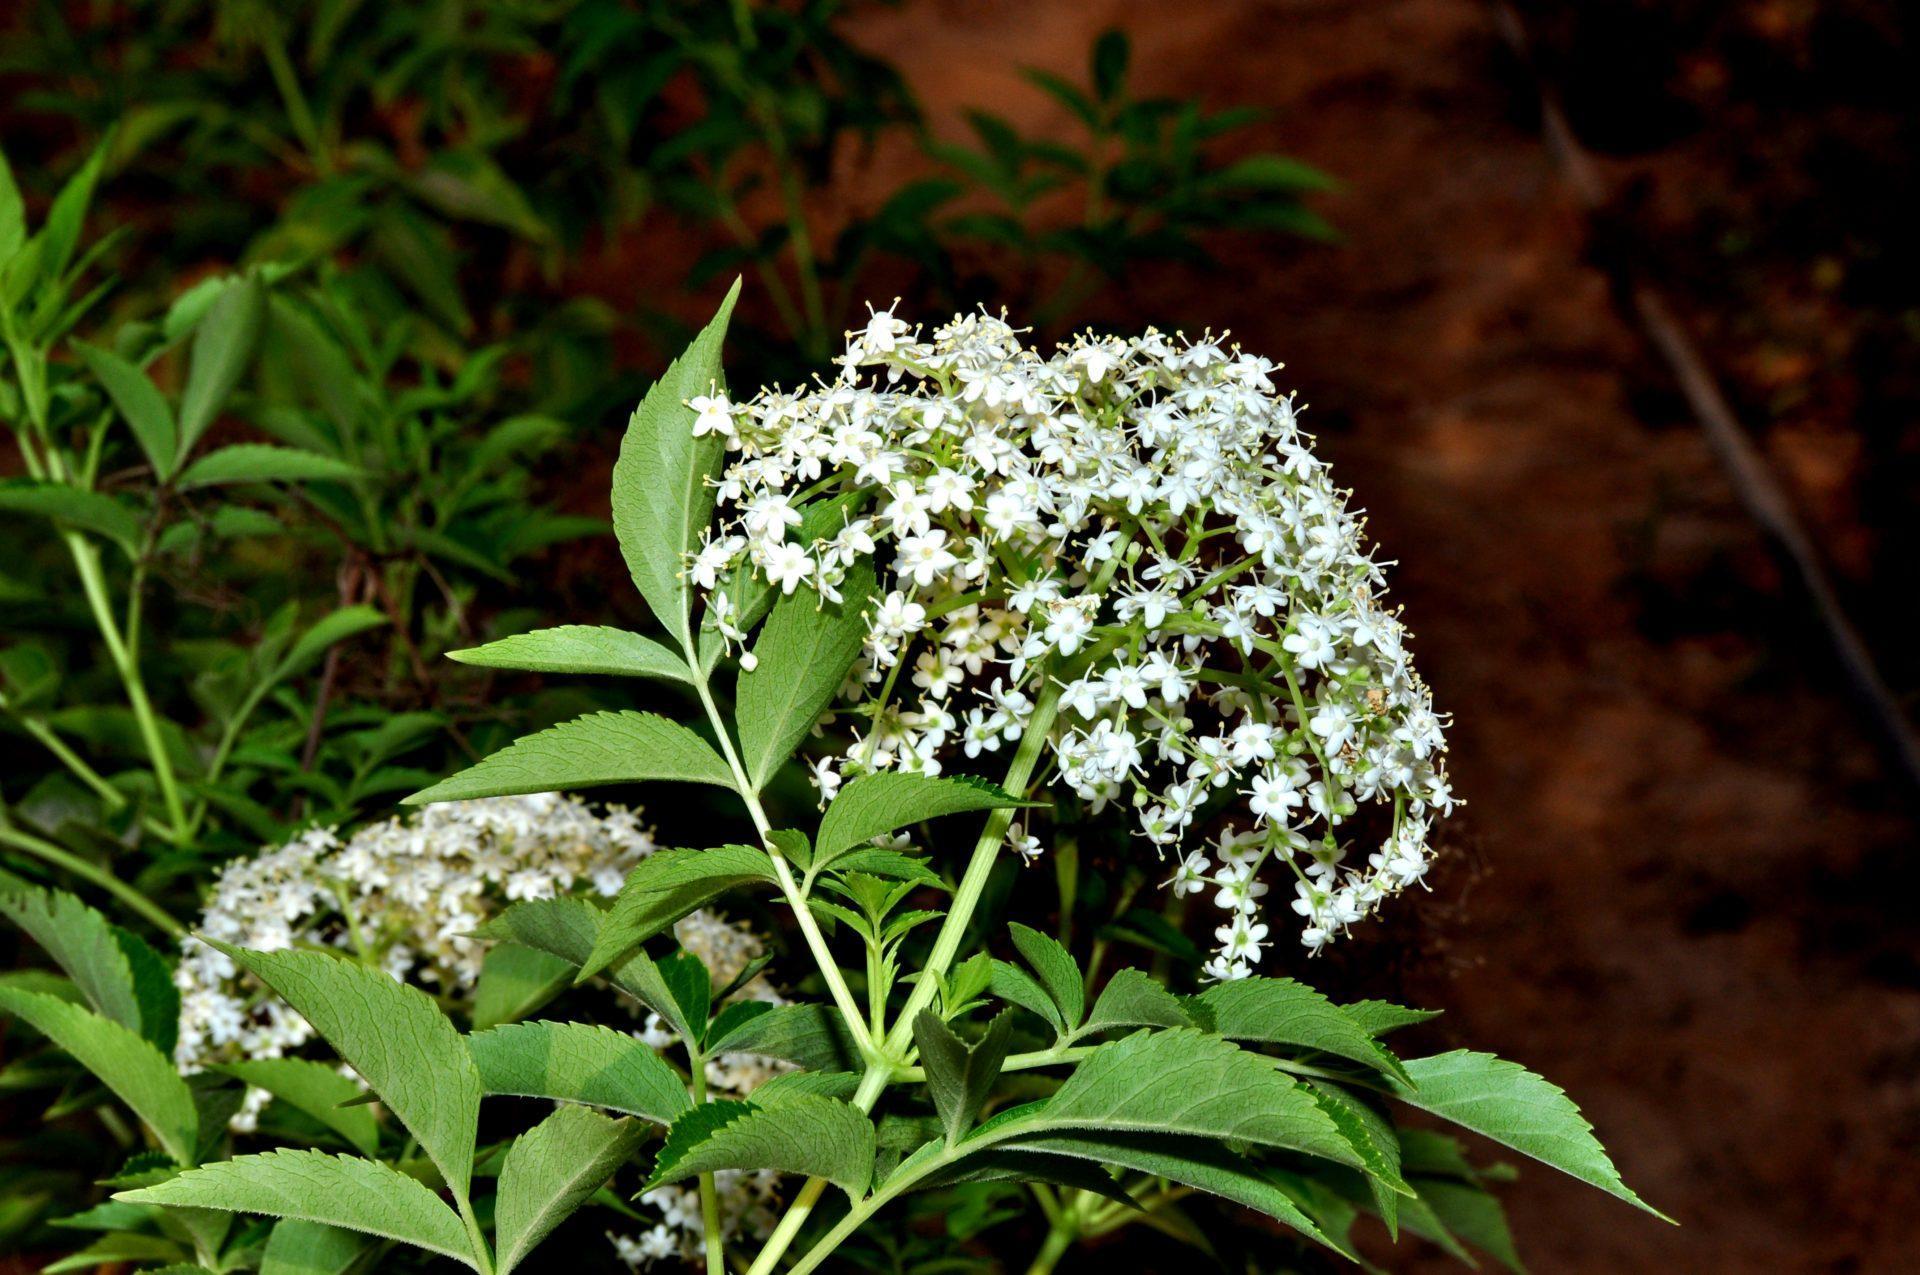 פרחי הסמבוק השחור